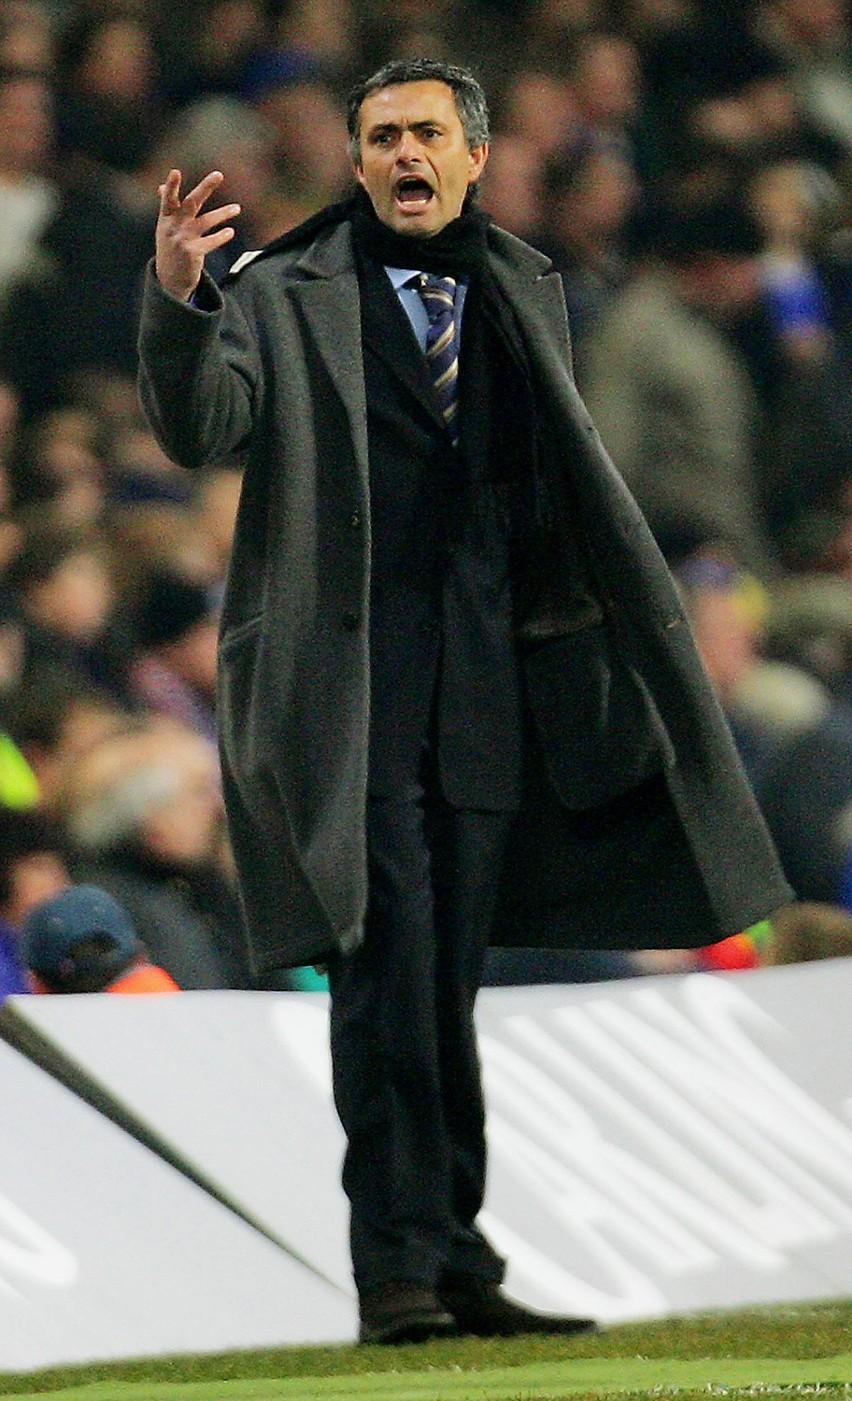 Trener Chelsea Jose Mourinho czeka dziś trudny dzień....